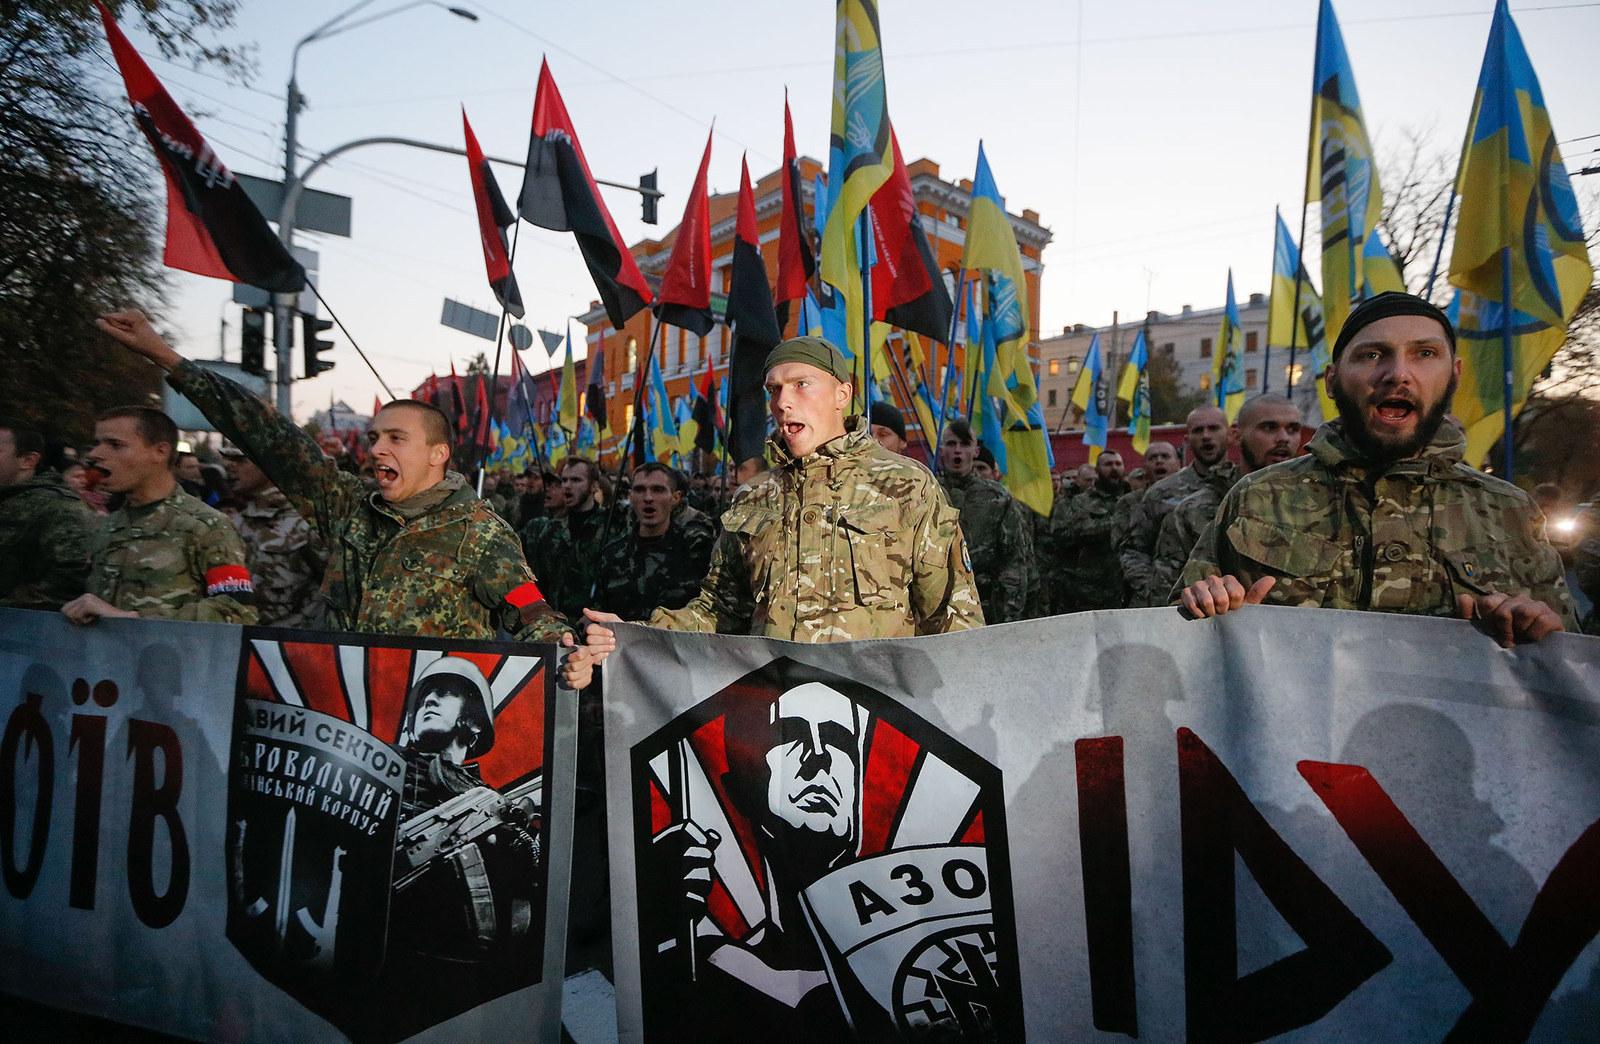 Naționaliștii extremiști ucraineni au atacat frecvent obiective culturale și diplomatice românești din Ucraina